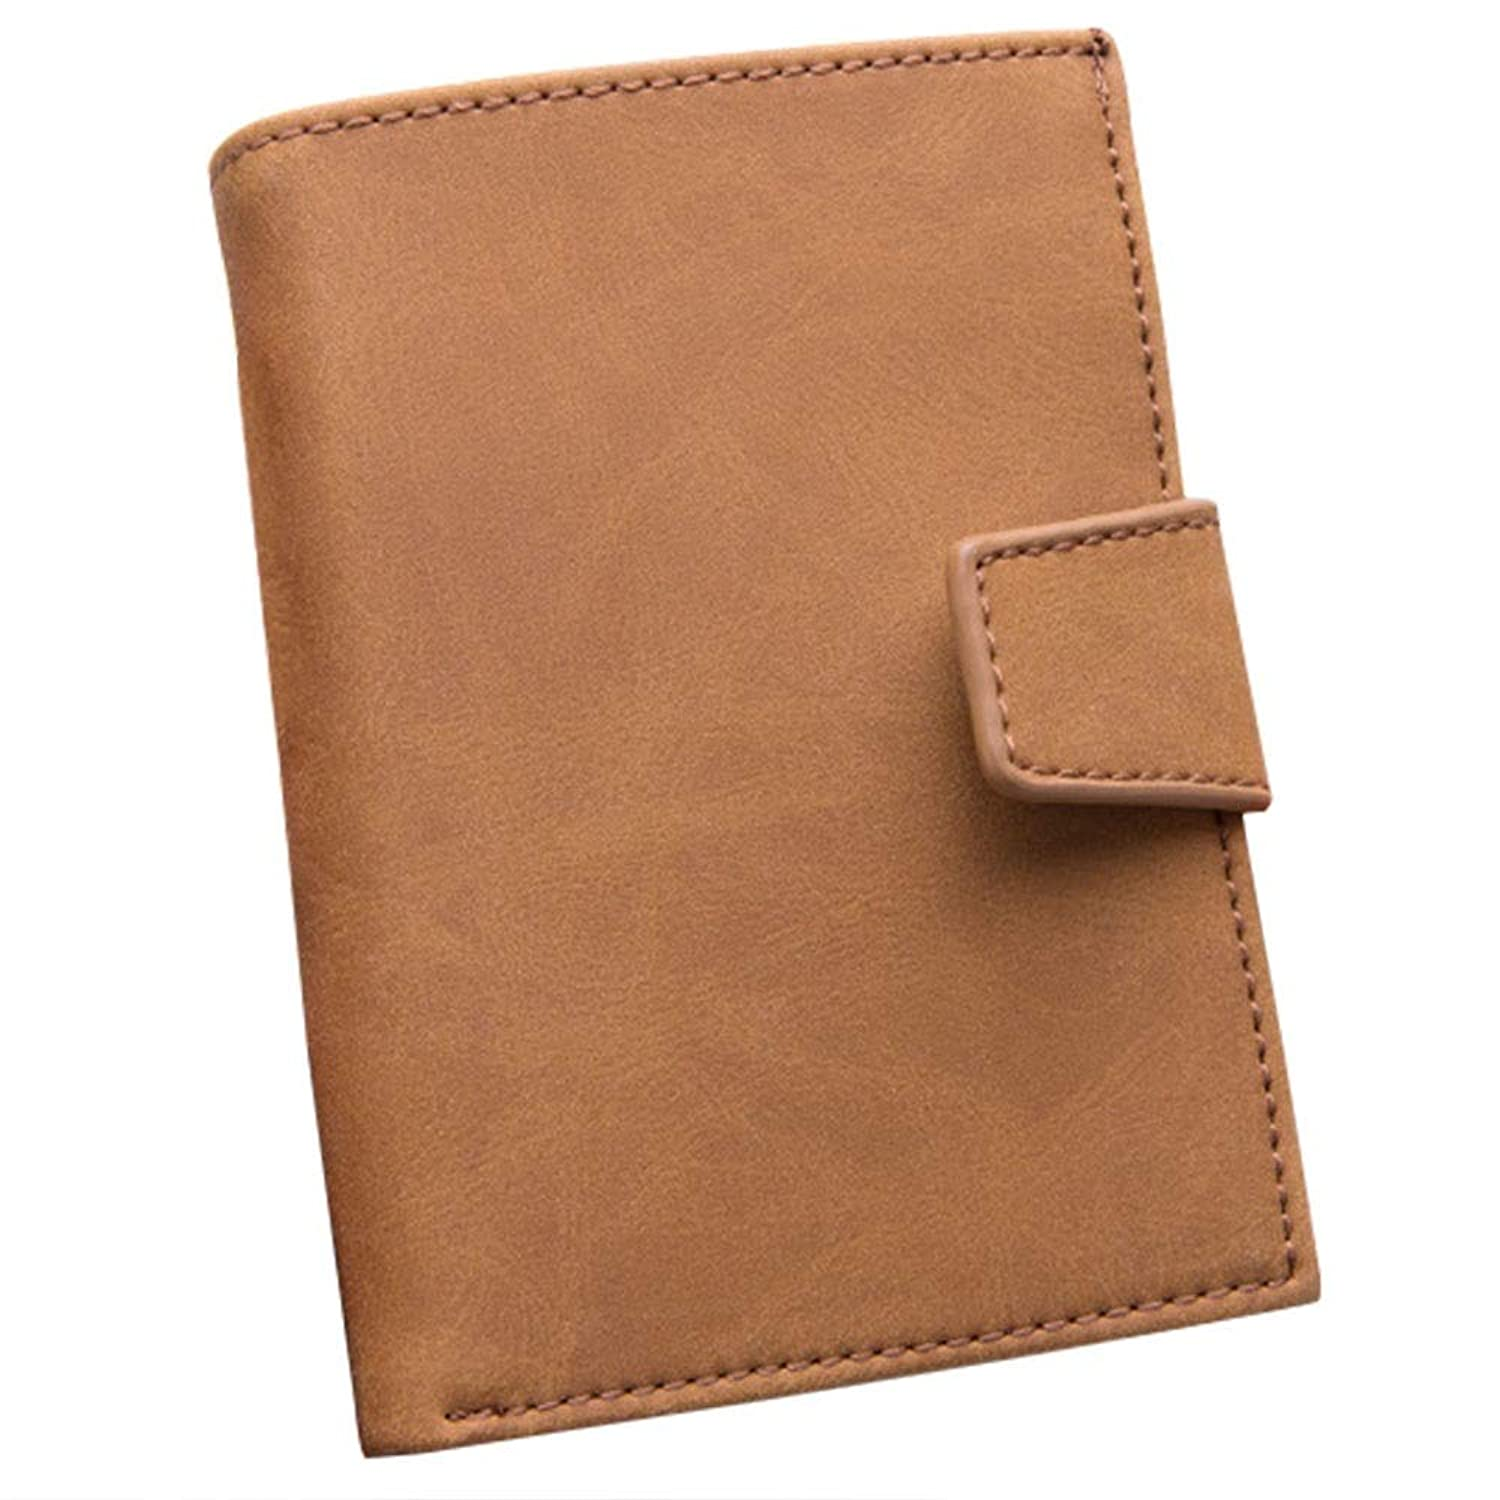 クレジットカードケース スキミング防止 磁気防止 カードケース スライド式 財布 RFID 名刺入れ スリム カードホルダー 薄型 小銭入れ 男女兼用 レザー